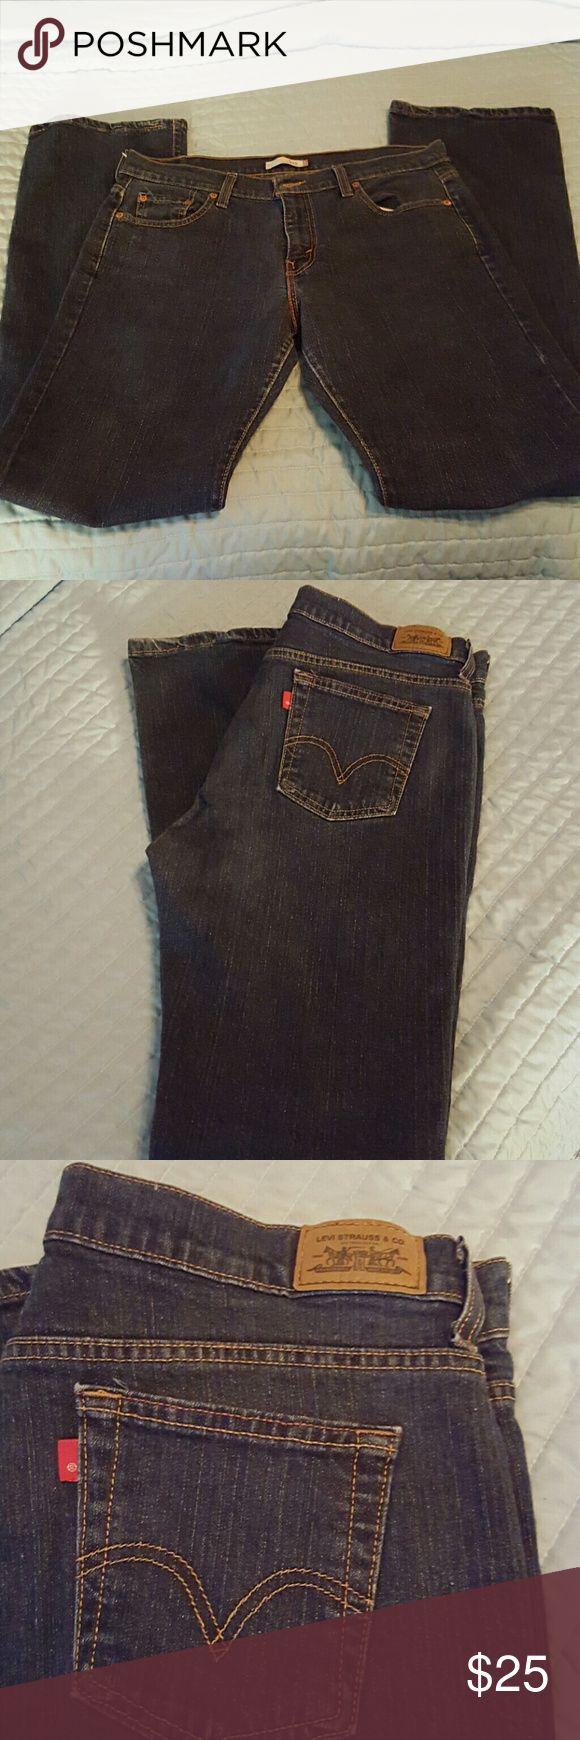 💜SALE💜Levi's Jeans Boot cut jeans Levi's Jeans Boot Cut